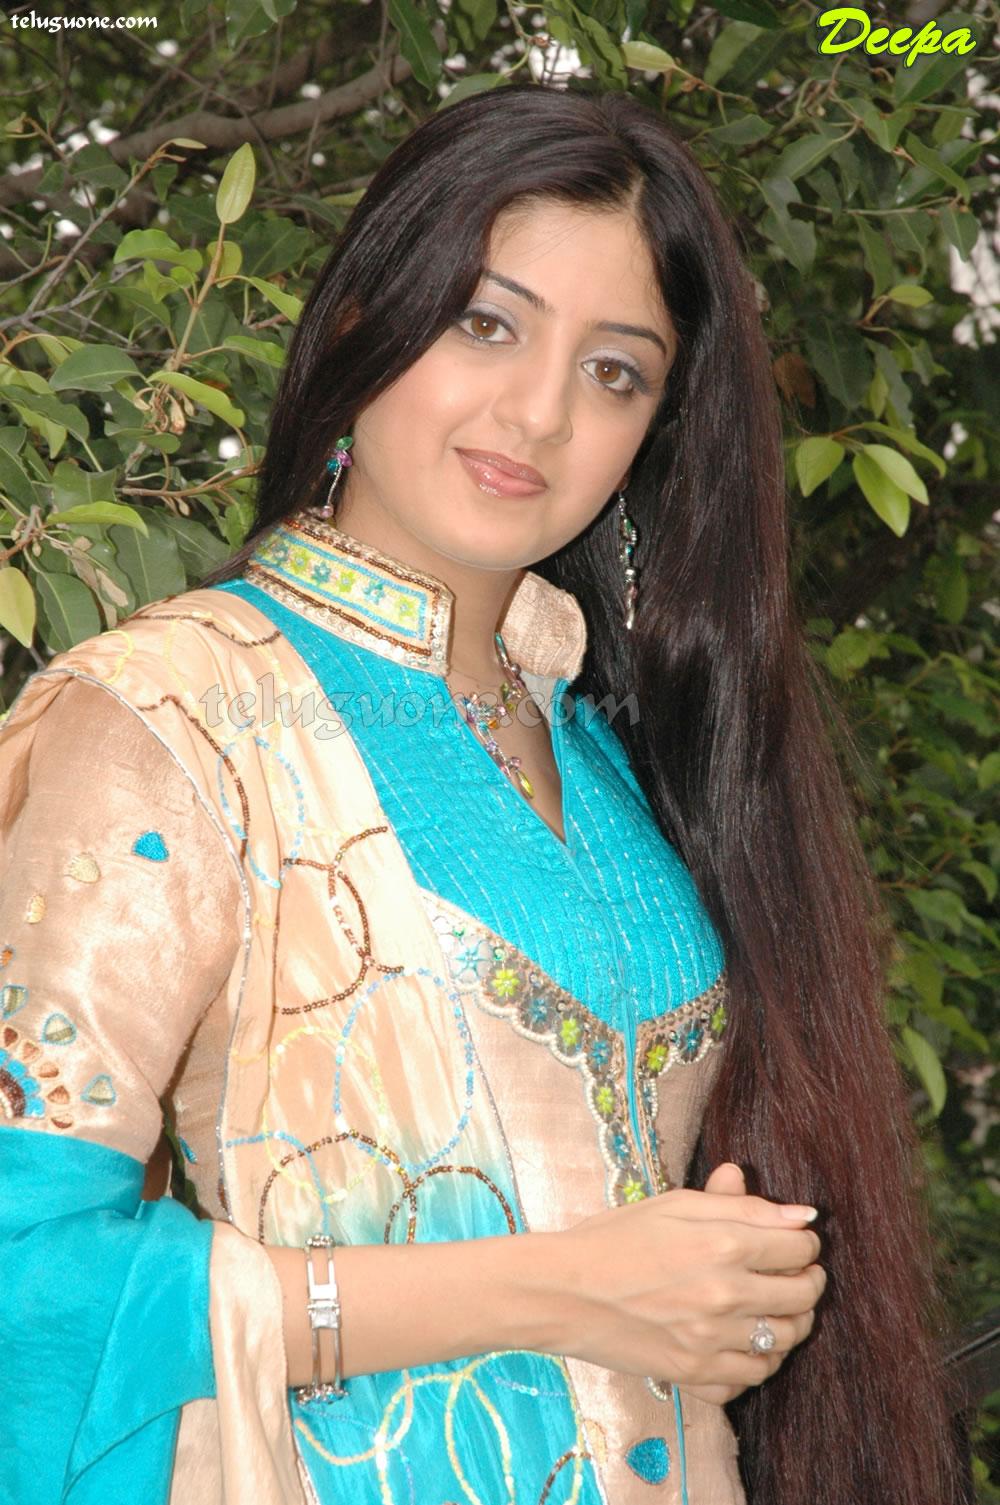 Pakistani Girls - Karachi Lahore Punjabi Girls